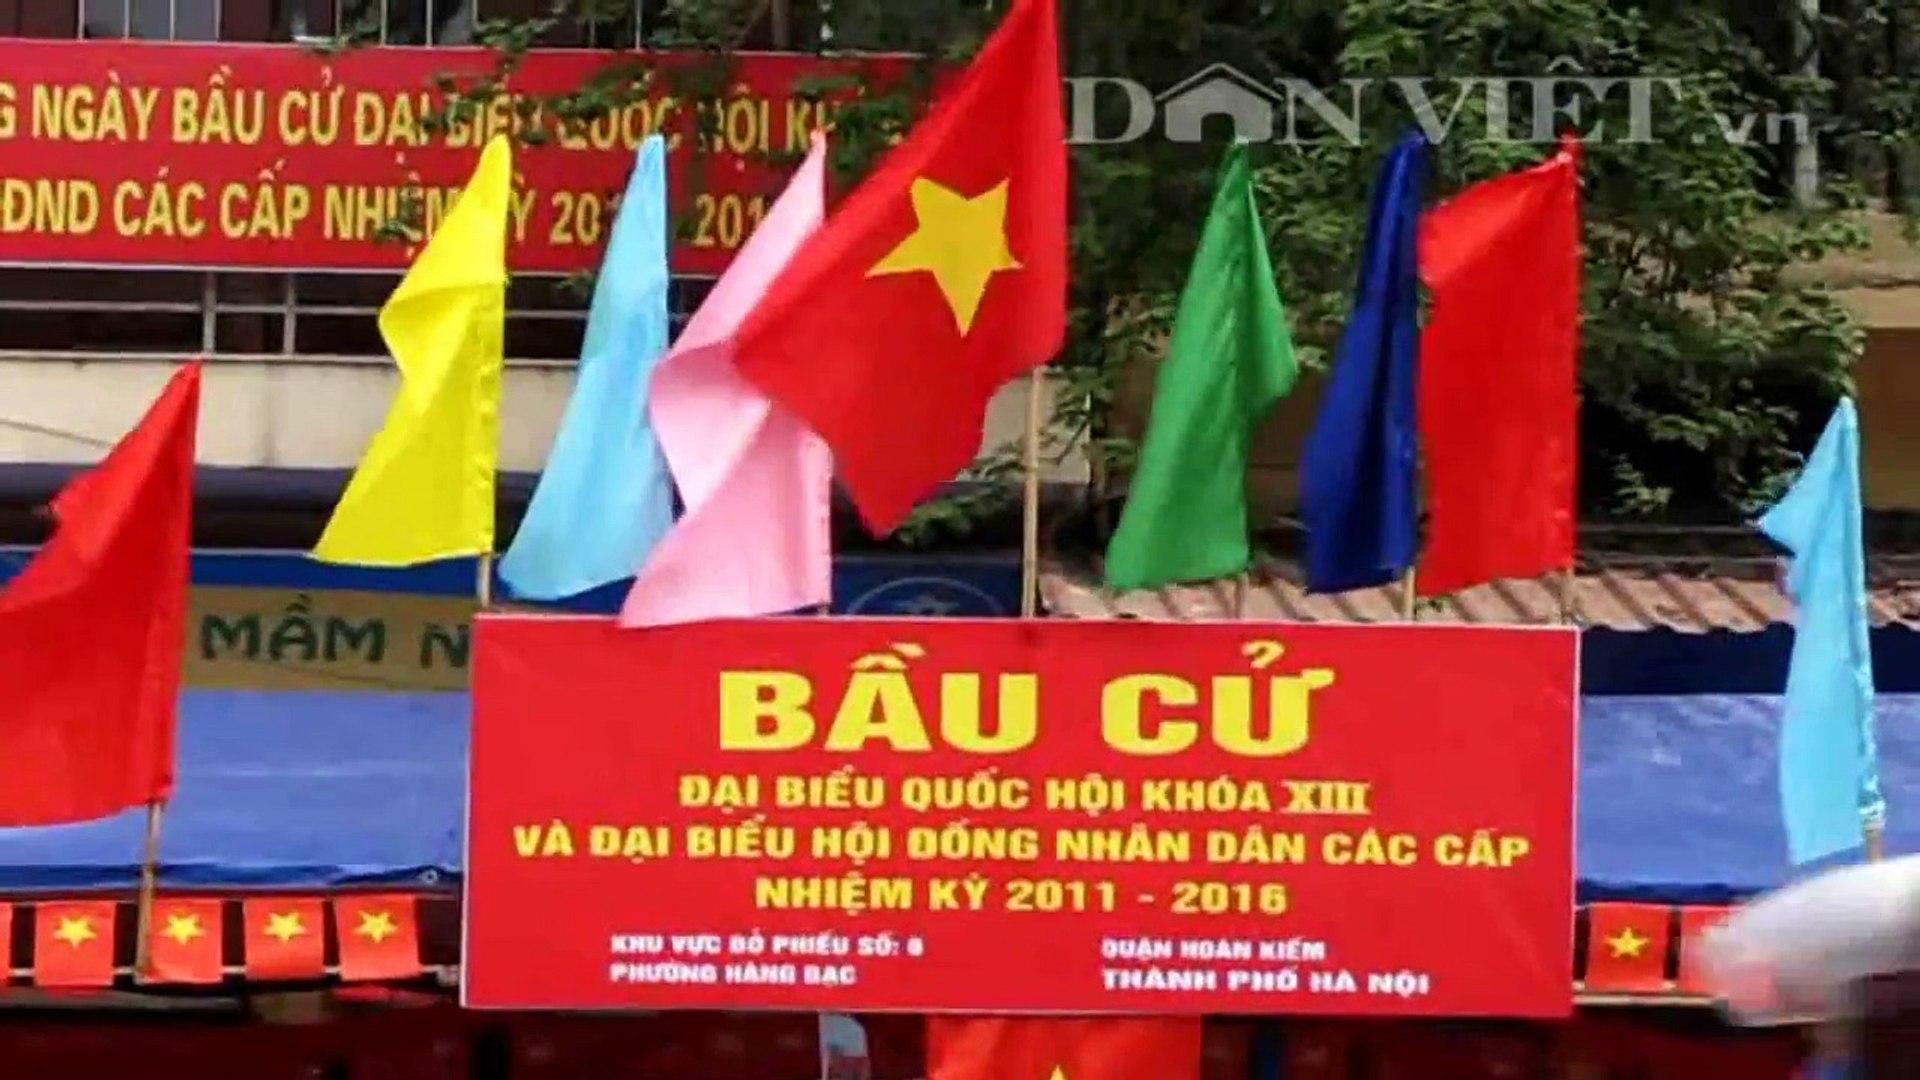 Bầu cử quốc hội ngày 22 - 5 - 2011